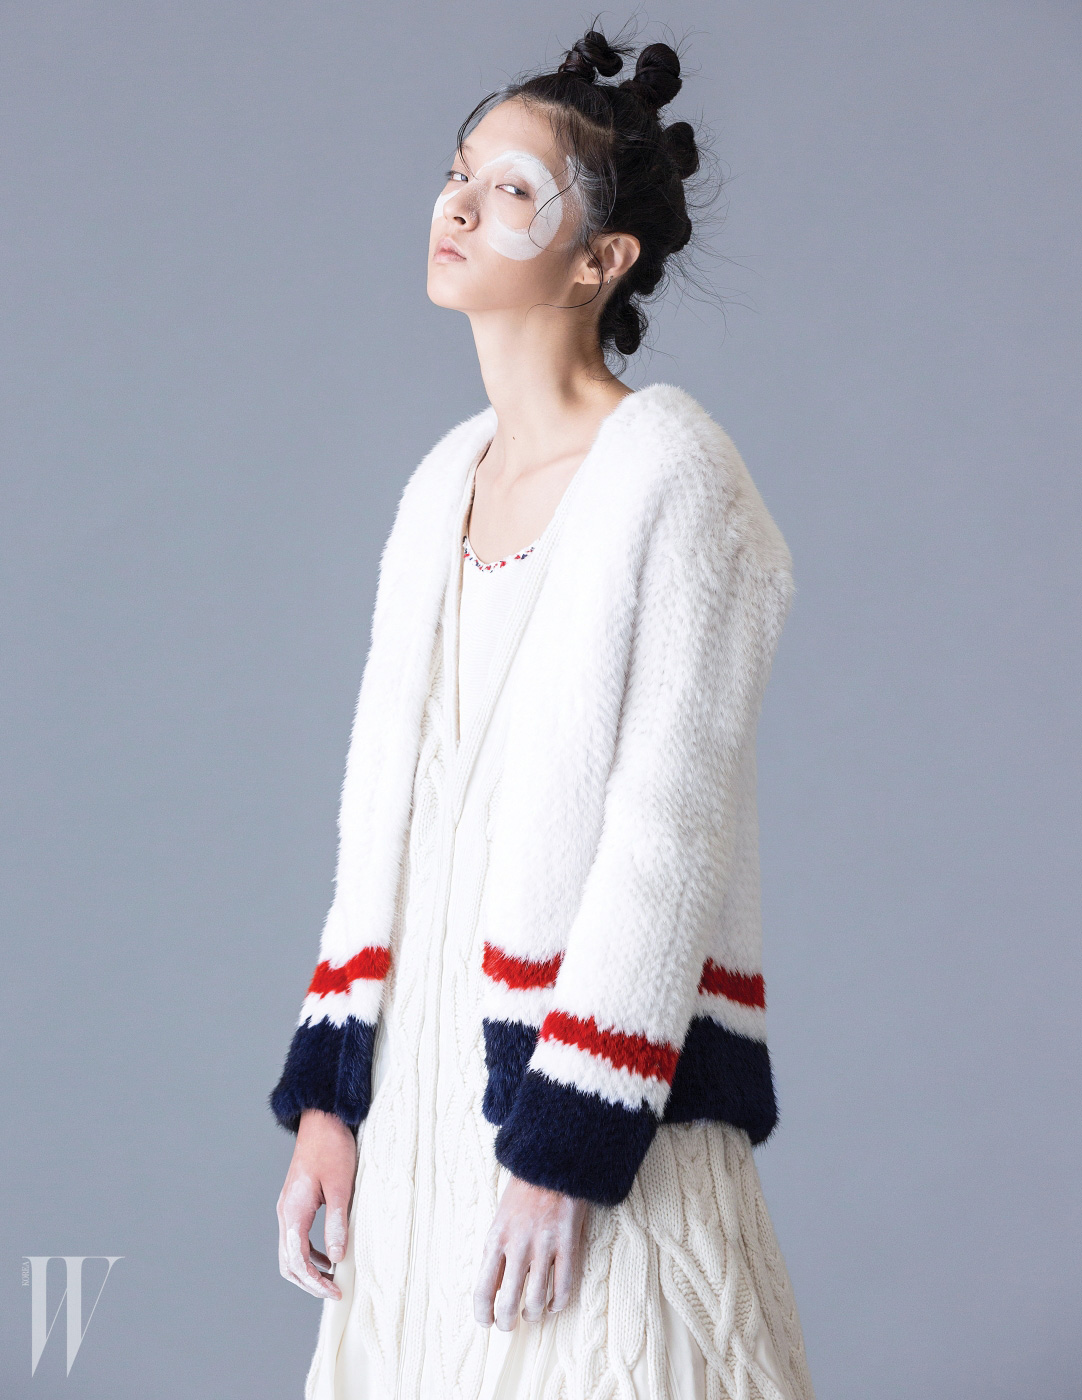 페티코트 스타일의 언더드레스와 독특한 짜임의 니트 드레스, 브랜드 특유의 삼선을 소매에 장식한 밍크 니트 카디건은 모두 Thom Browne 제품.